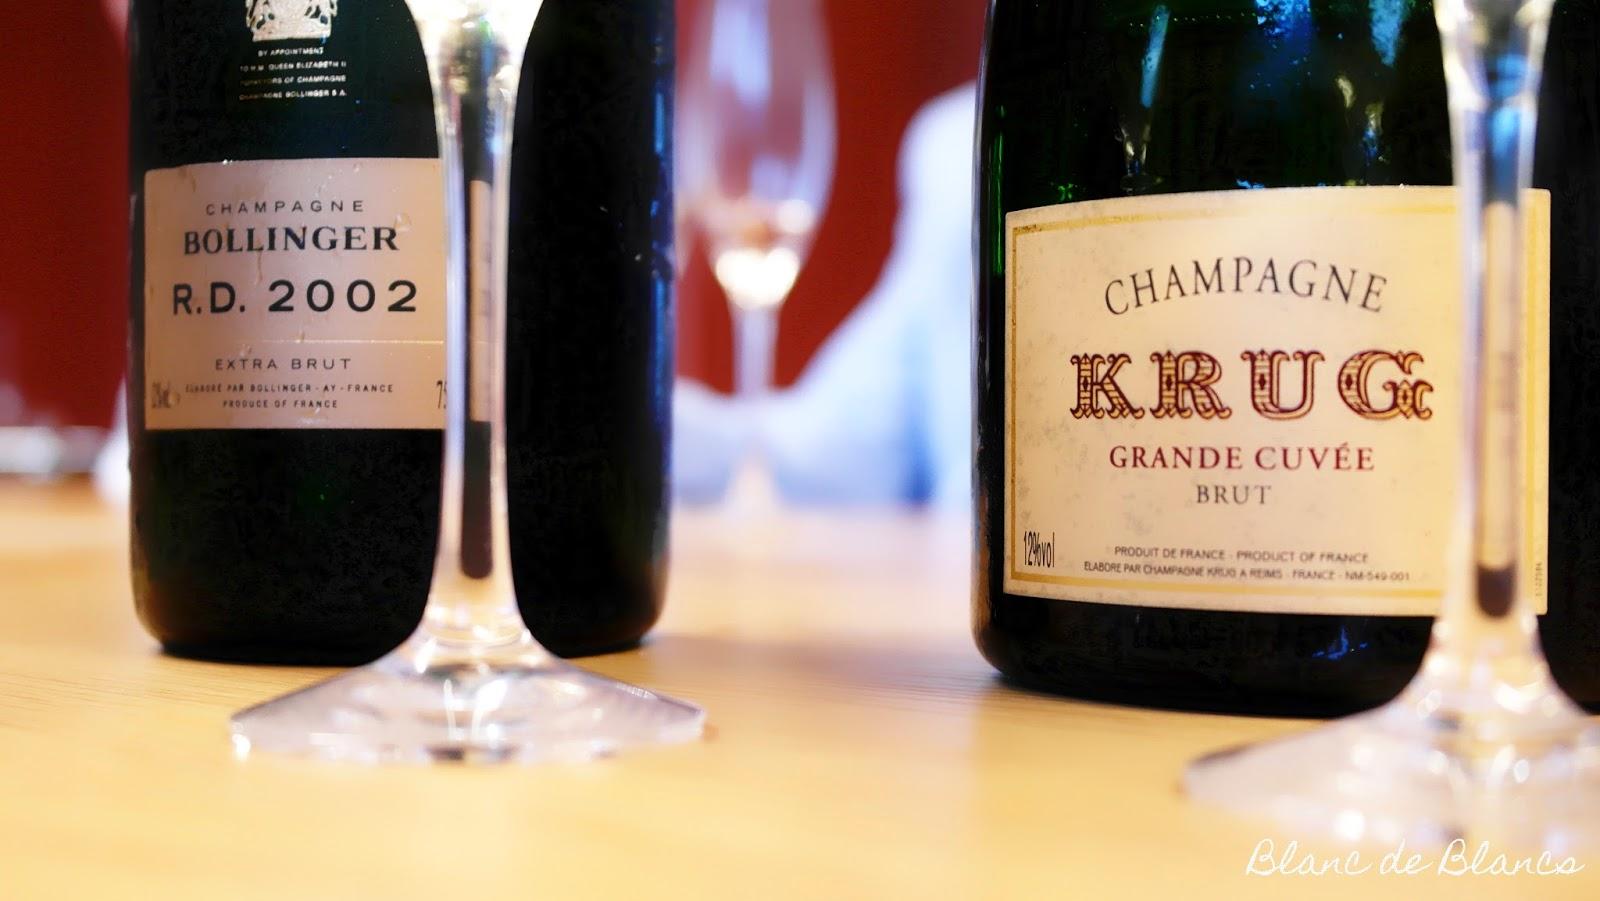 Champagne battle: Bollinger R.D. 2002 vs. Krug Grande Cuvée - www.blancdeblancs.fi